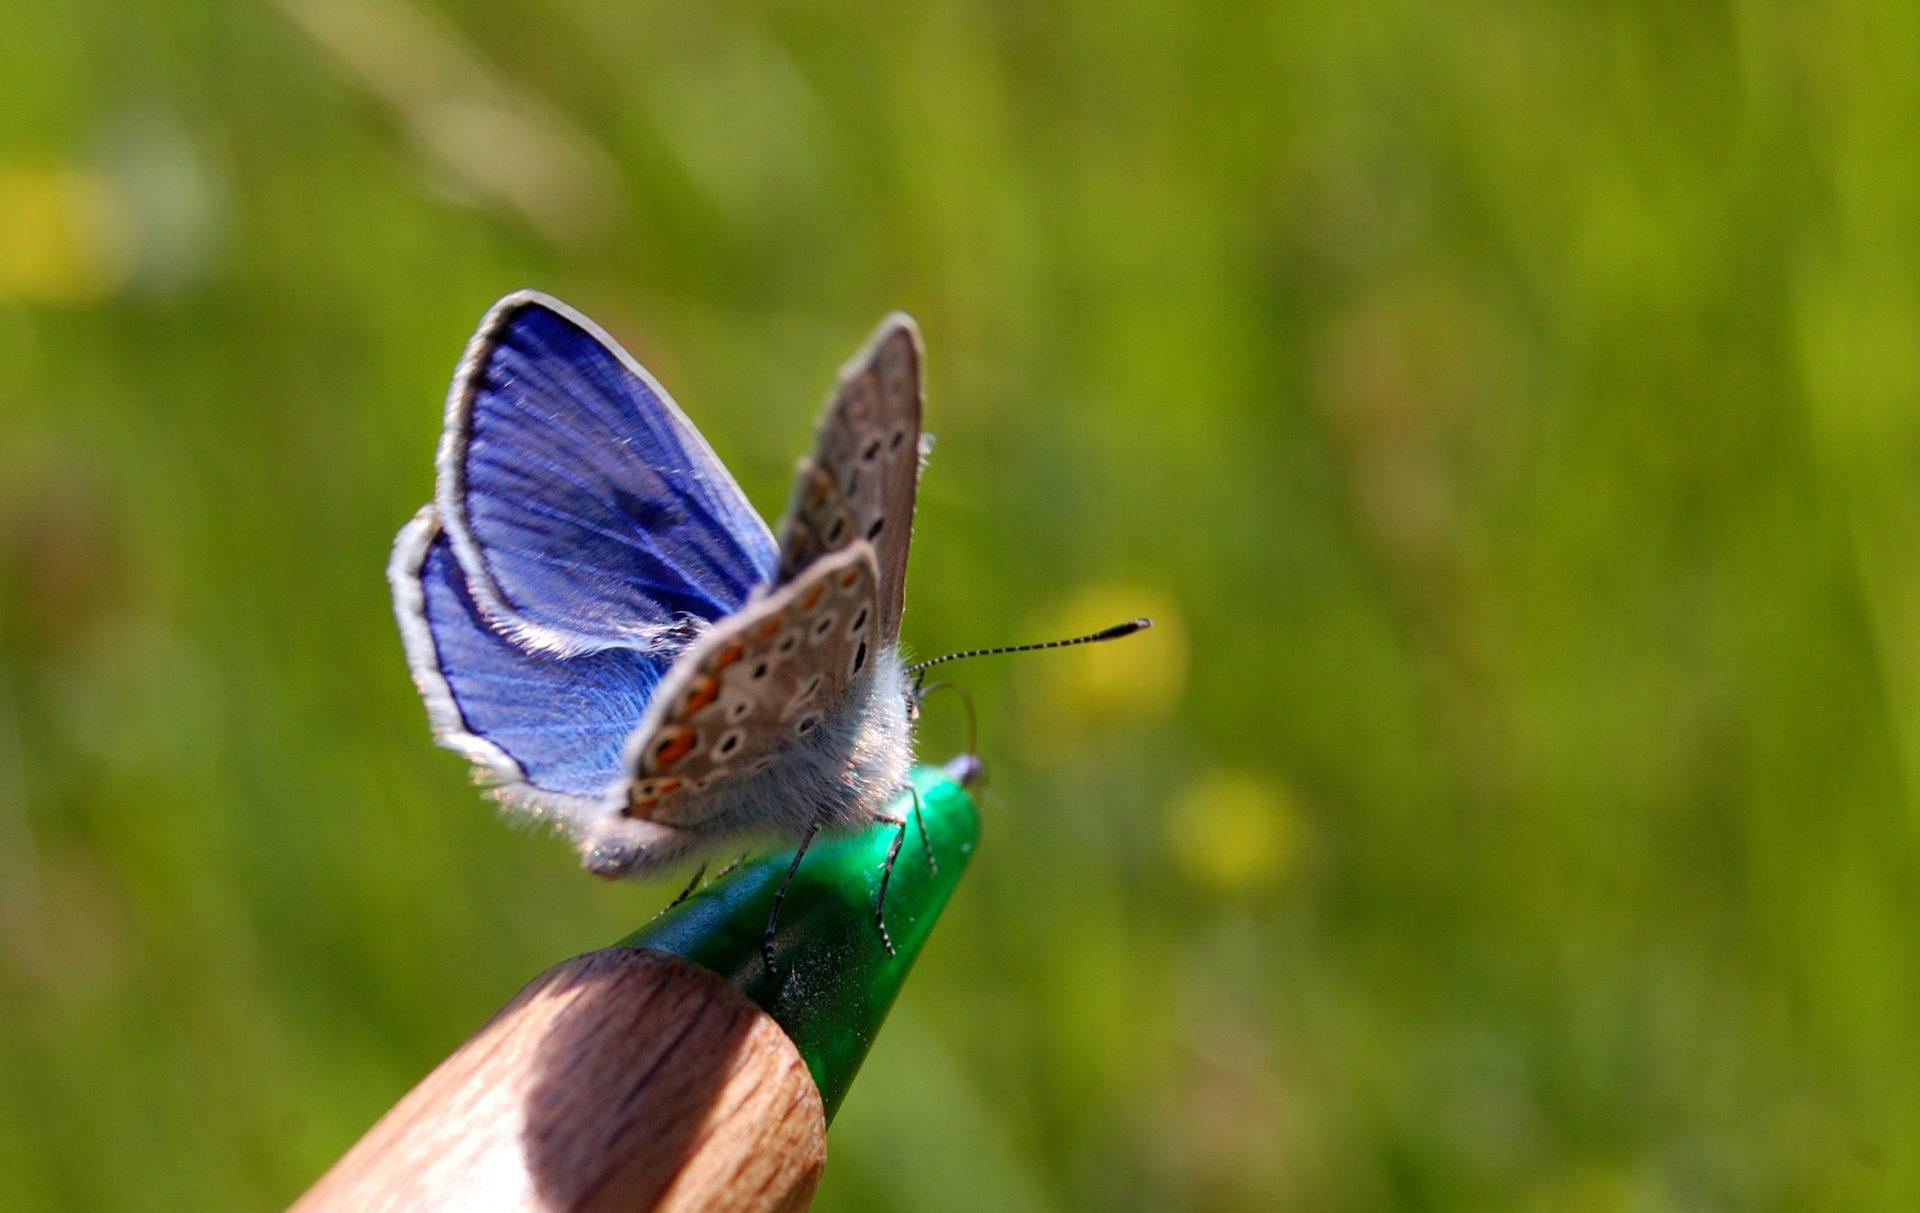 Fachartikel Insektenschutz ist Gesetz